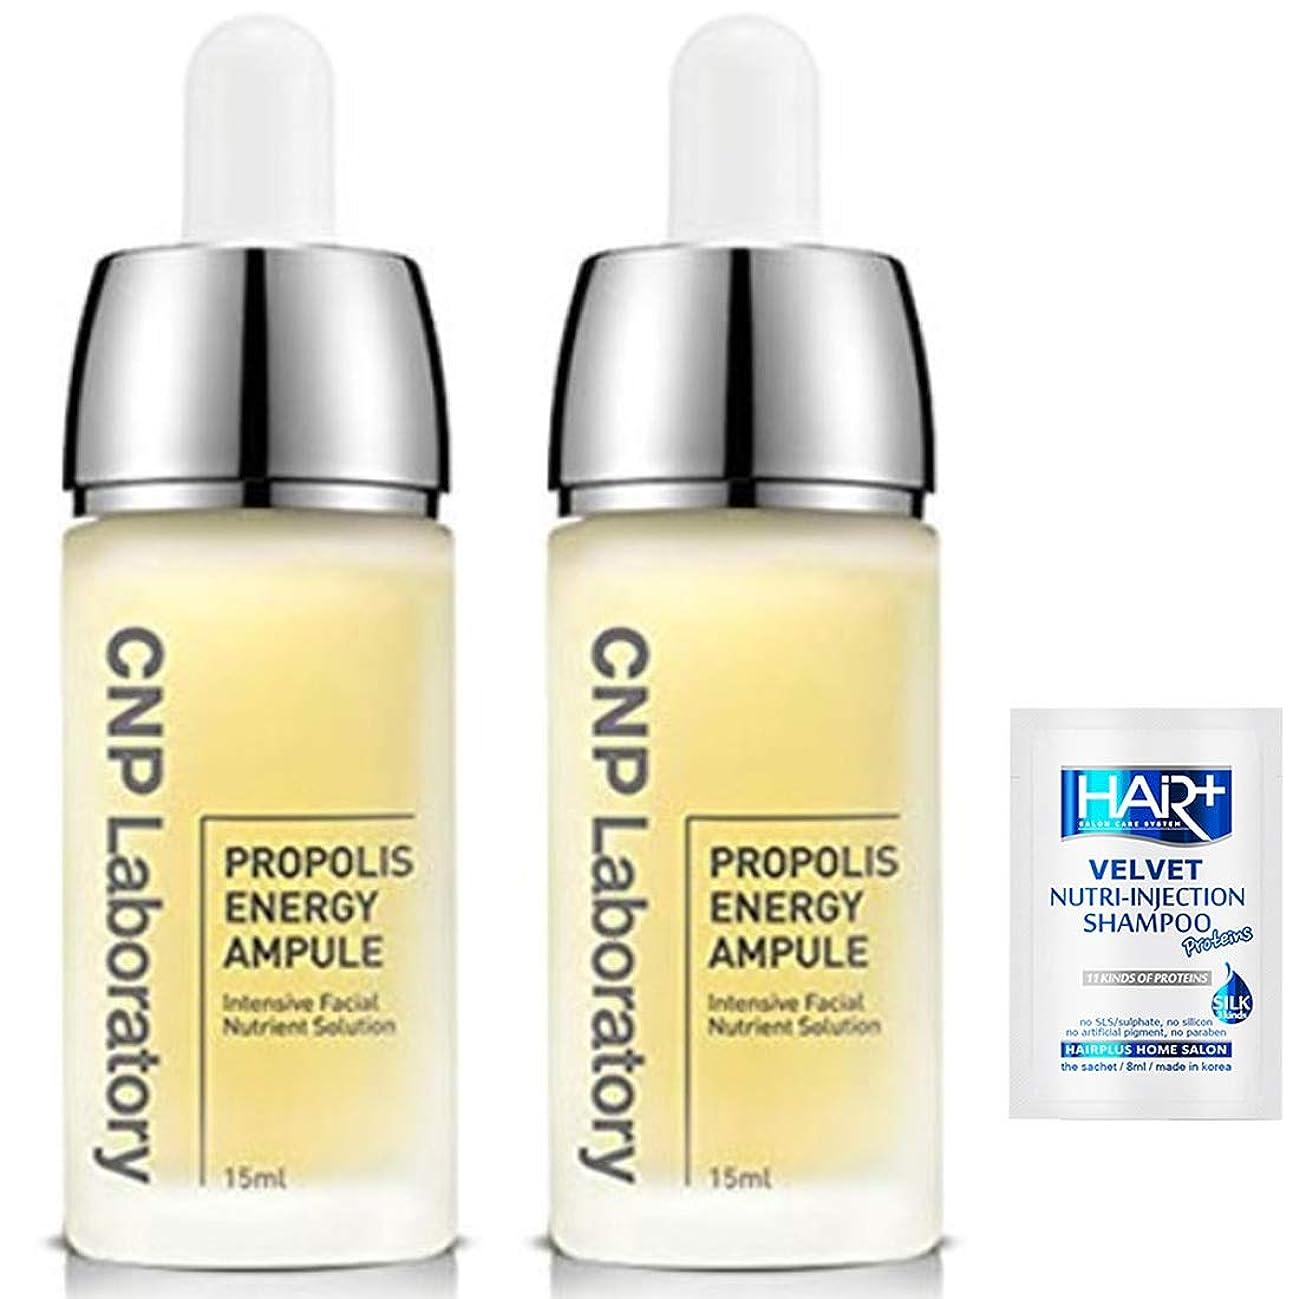 図便利さ吸う【CNP Laboratory】プロポリス エネルギーアンプル 15ml X 2EA+HairPlus NonSilicon Shampoo 8ml